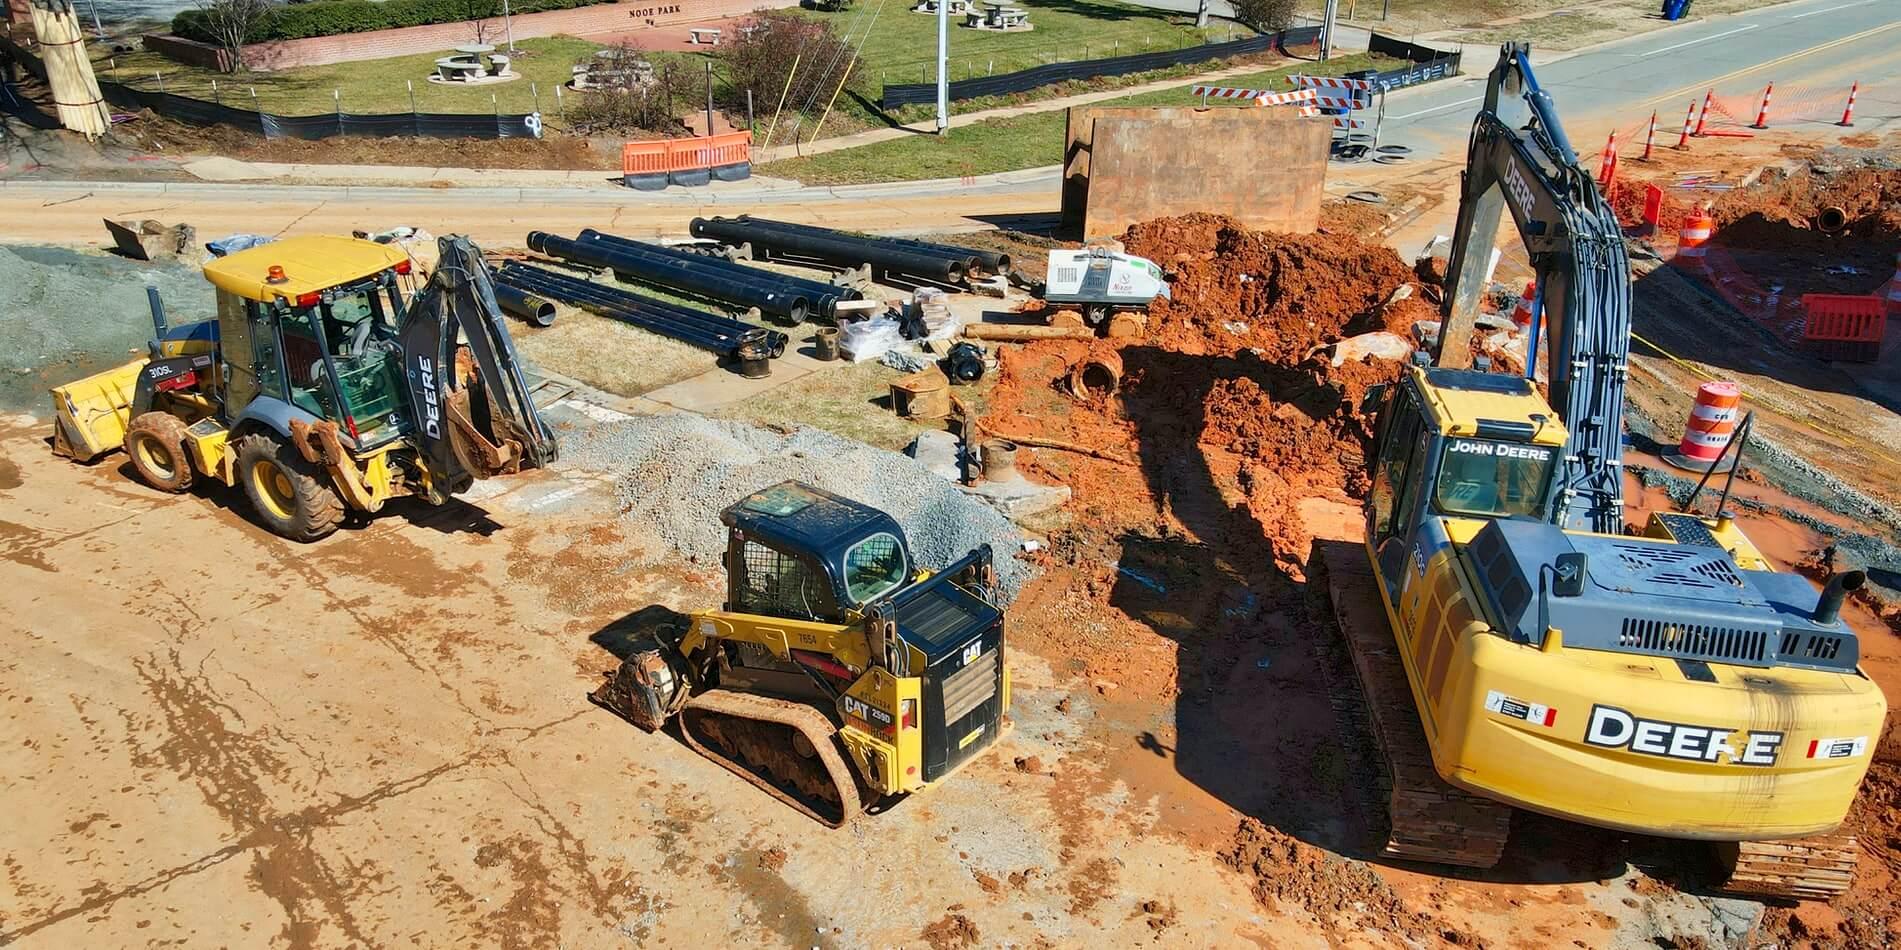 Divljanje cijena građevinskog materijala: Ministarstvo gospodarstva tvrdi da već postoji rješenje